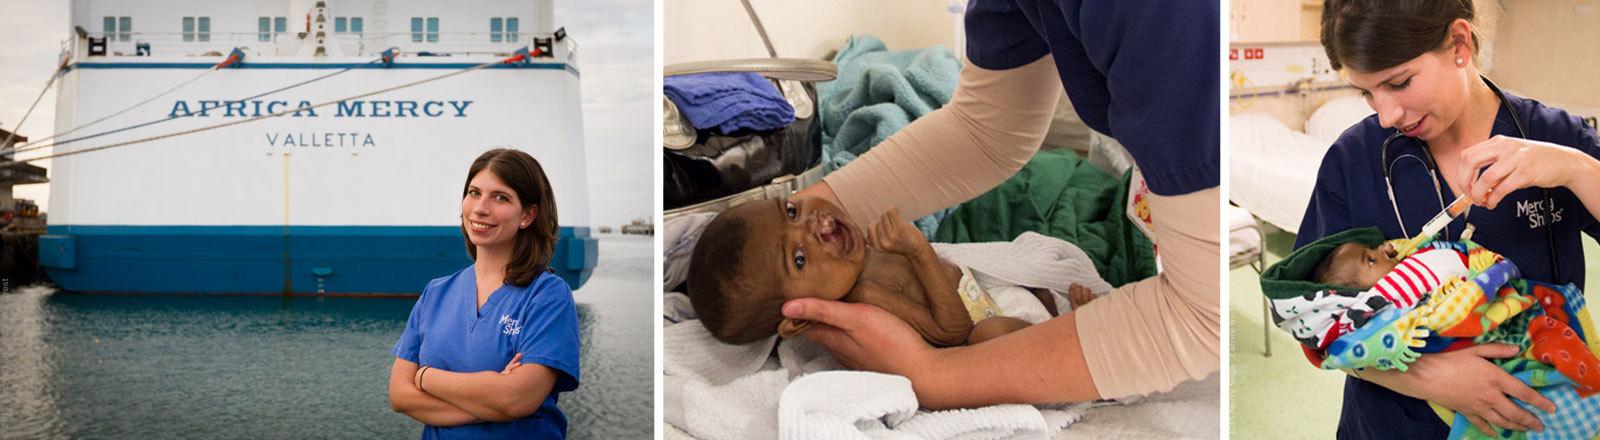 """Die Kinderkrankenschwester Sandra Schimek vor dem Hospitalschiff """"Africa Mercy"""" und bei der Behandlung von Kindern"""